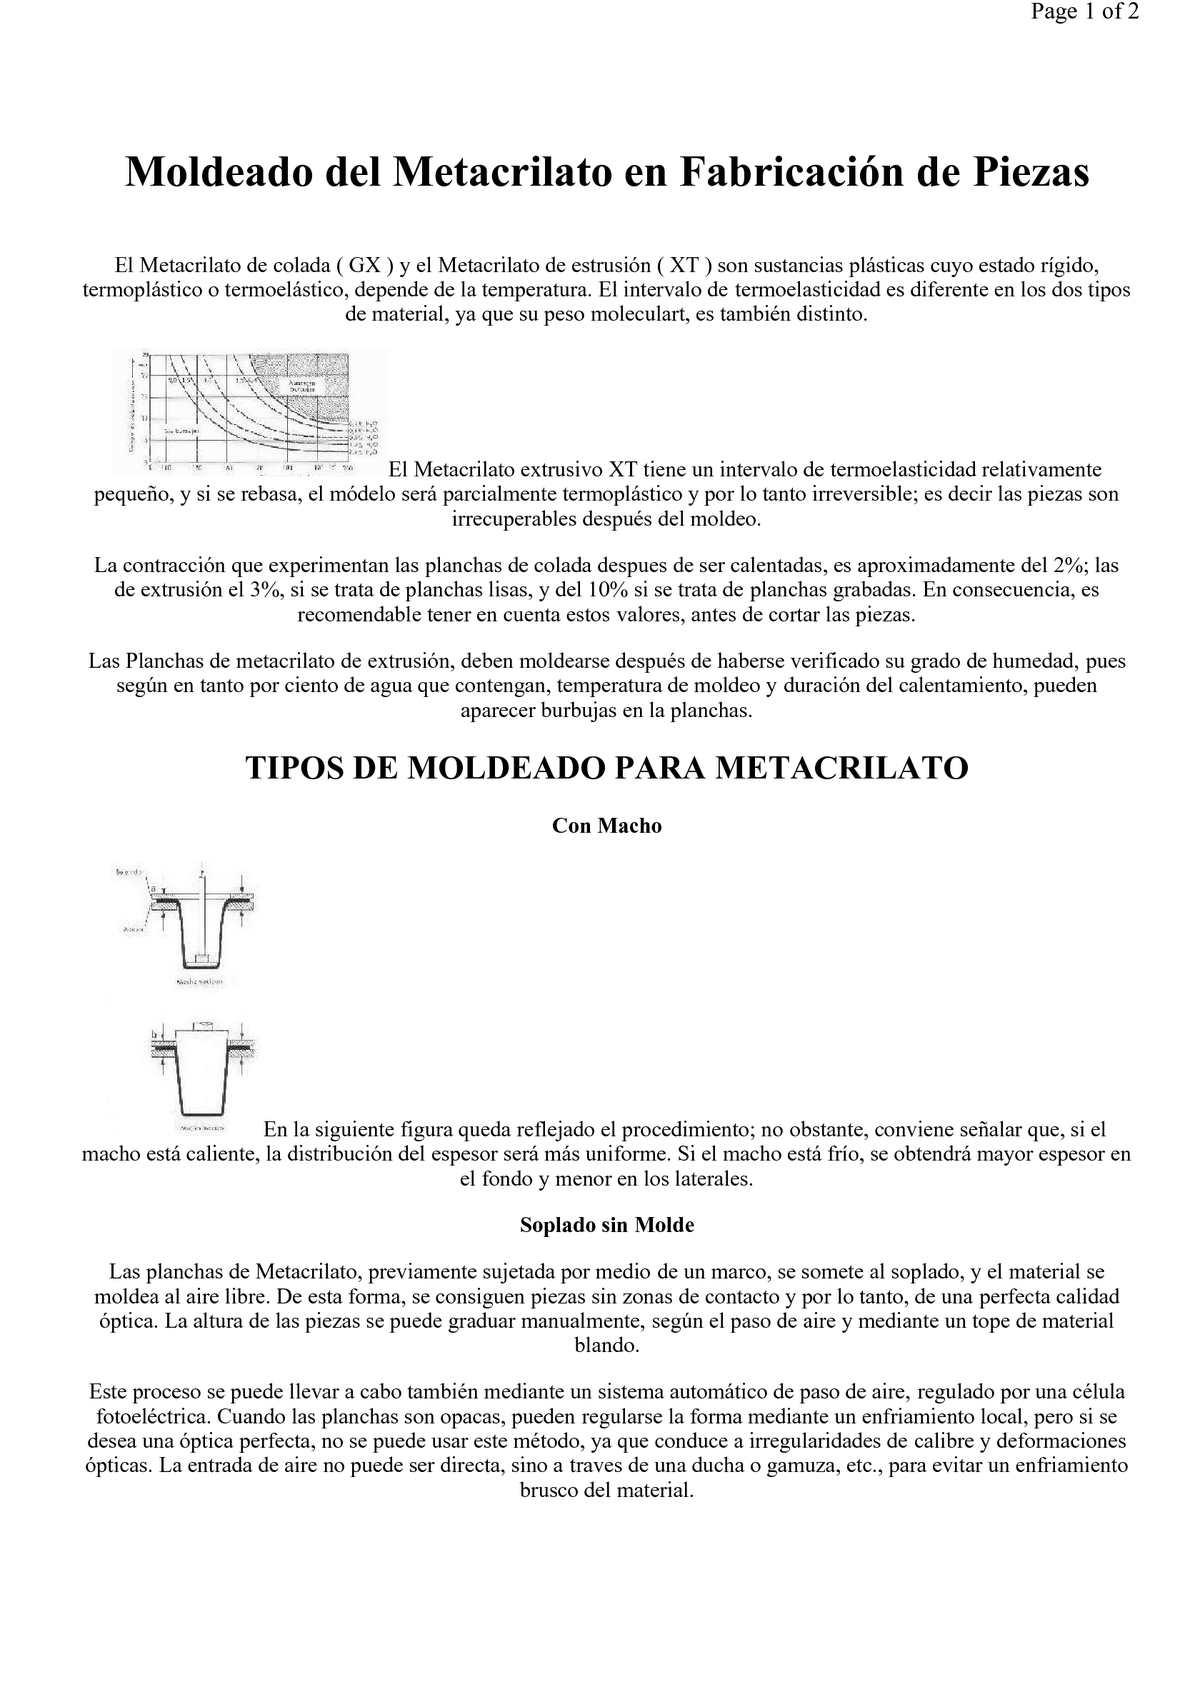 Calaméo - Moldeado del metacrilato en la fabricación de piezas